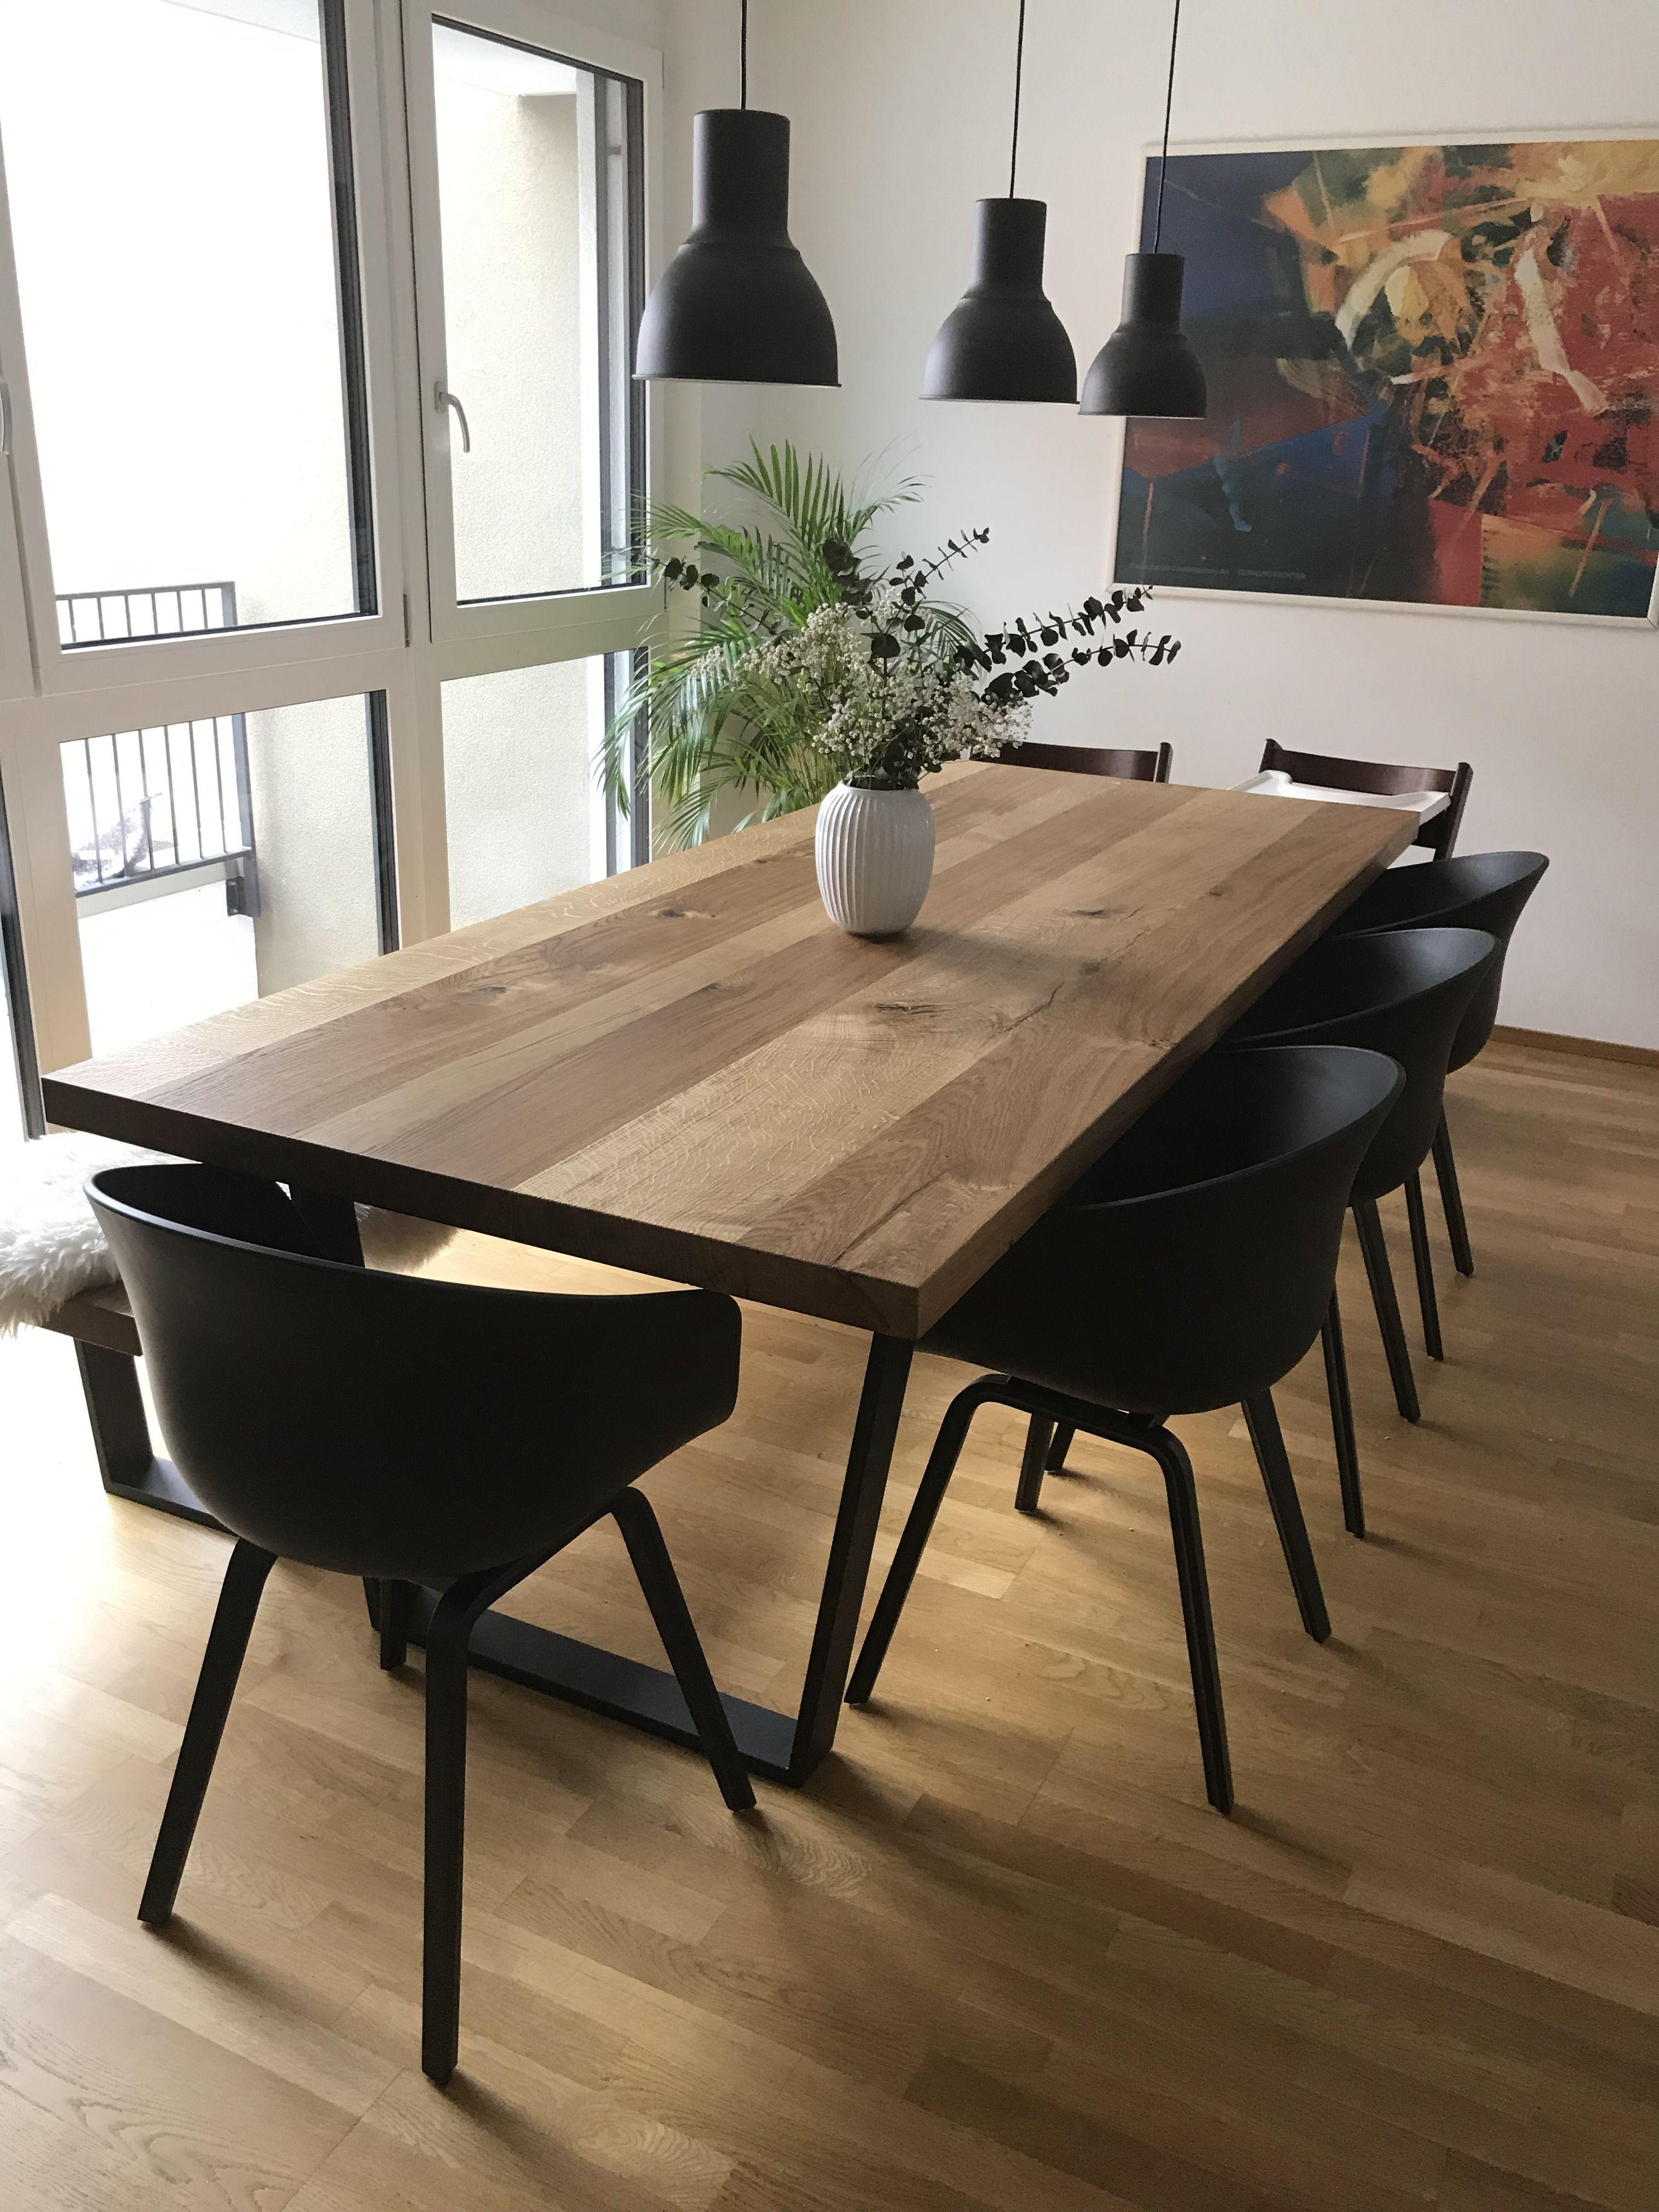 Esstisch Mit Schwarzen Stuhlen Design Esstisch Stuhl Design